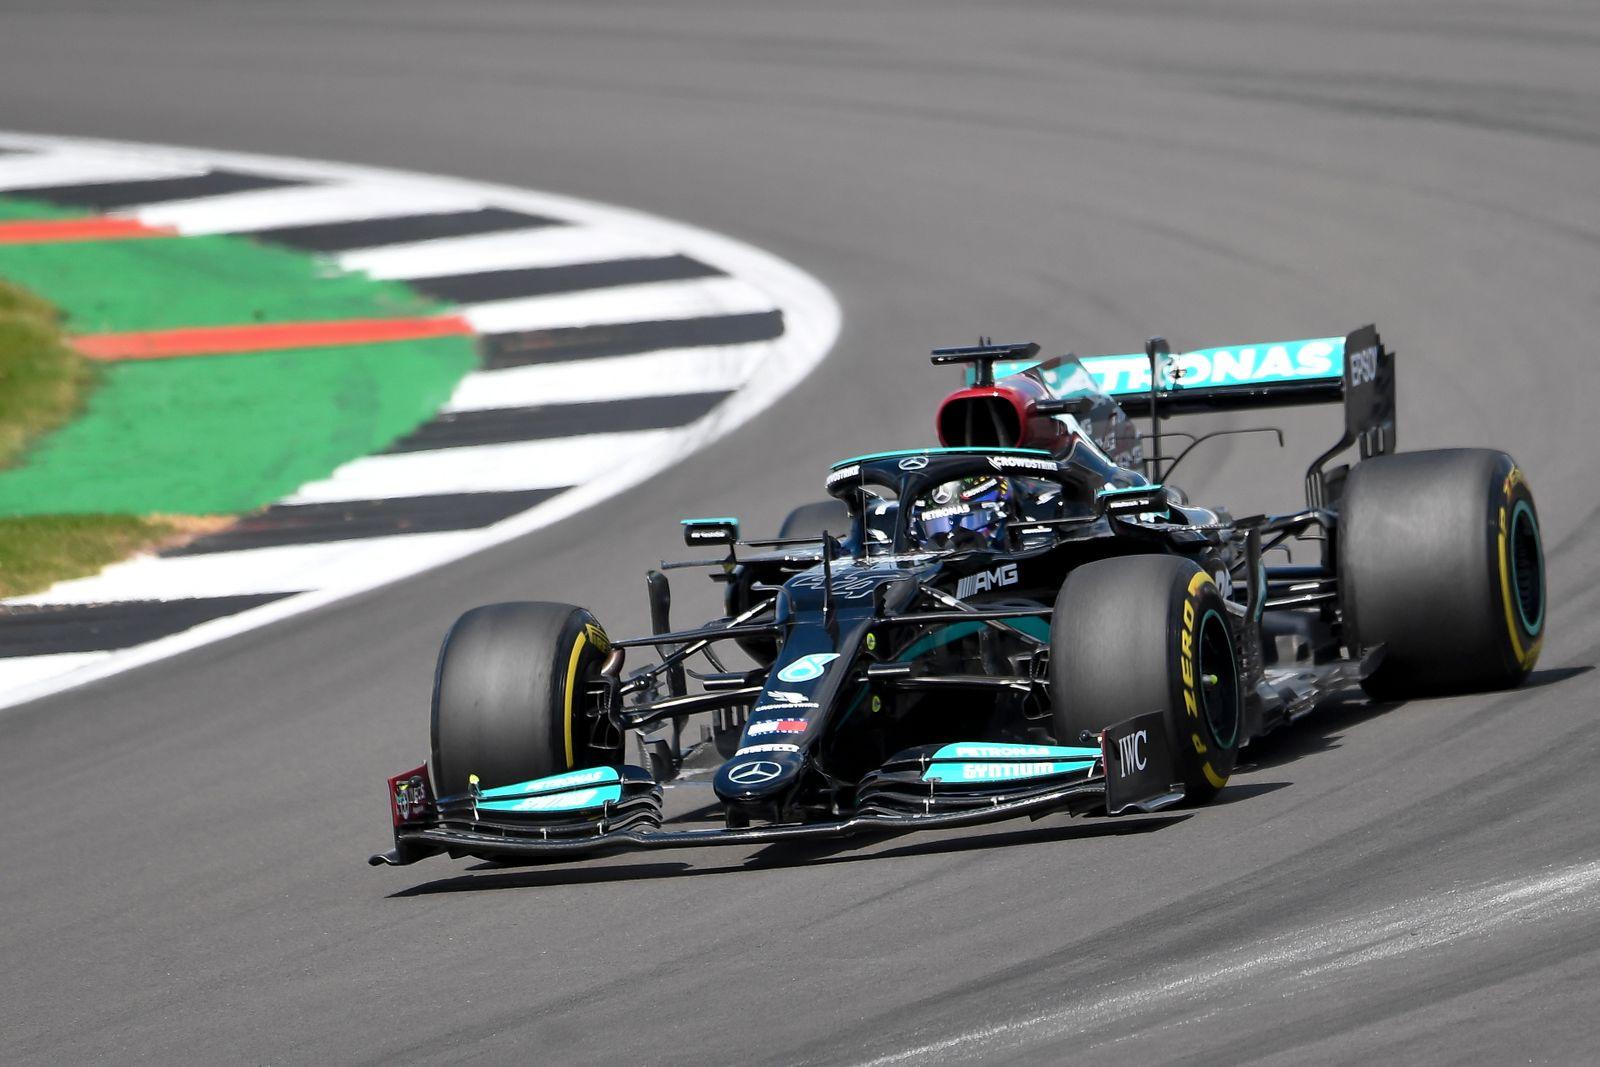 Formel 1 Qualifying Lewis Hamilton Vor Max Verstappen In Den Sprint Der Spiegel